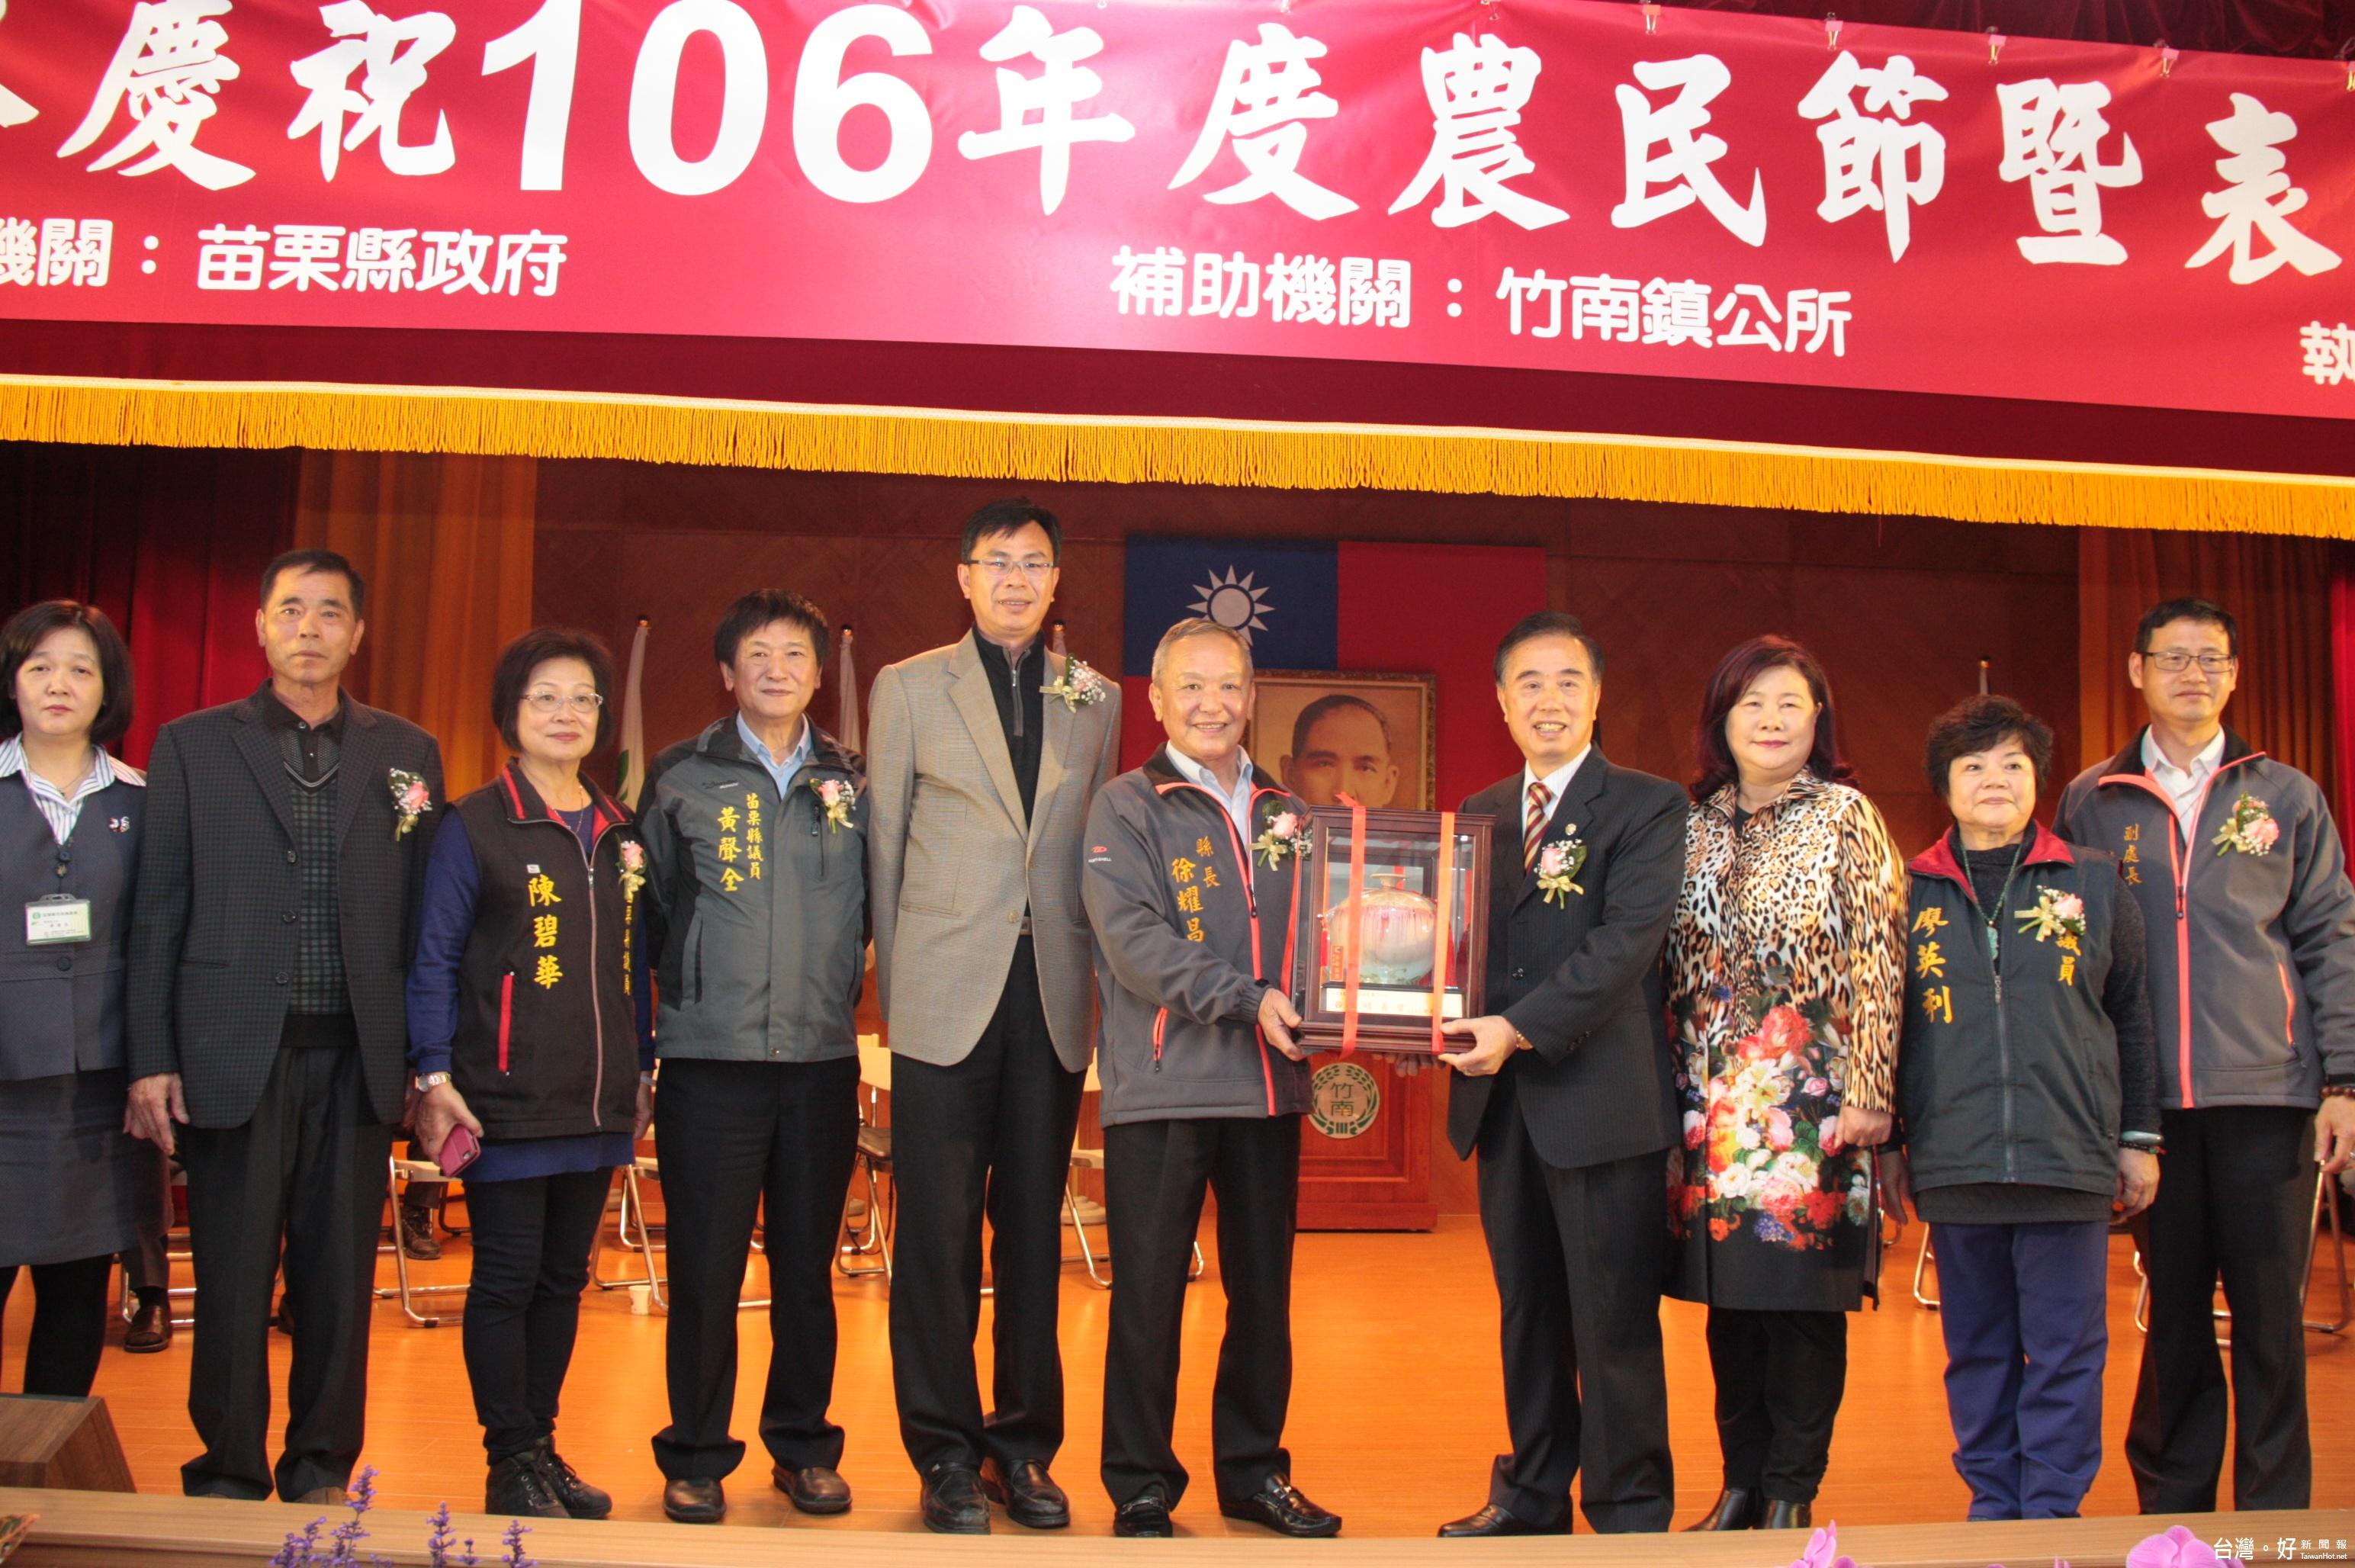 苗縣慶農民節表揚優良農民 允續增農民權益